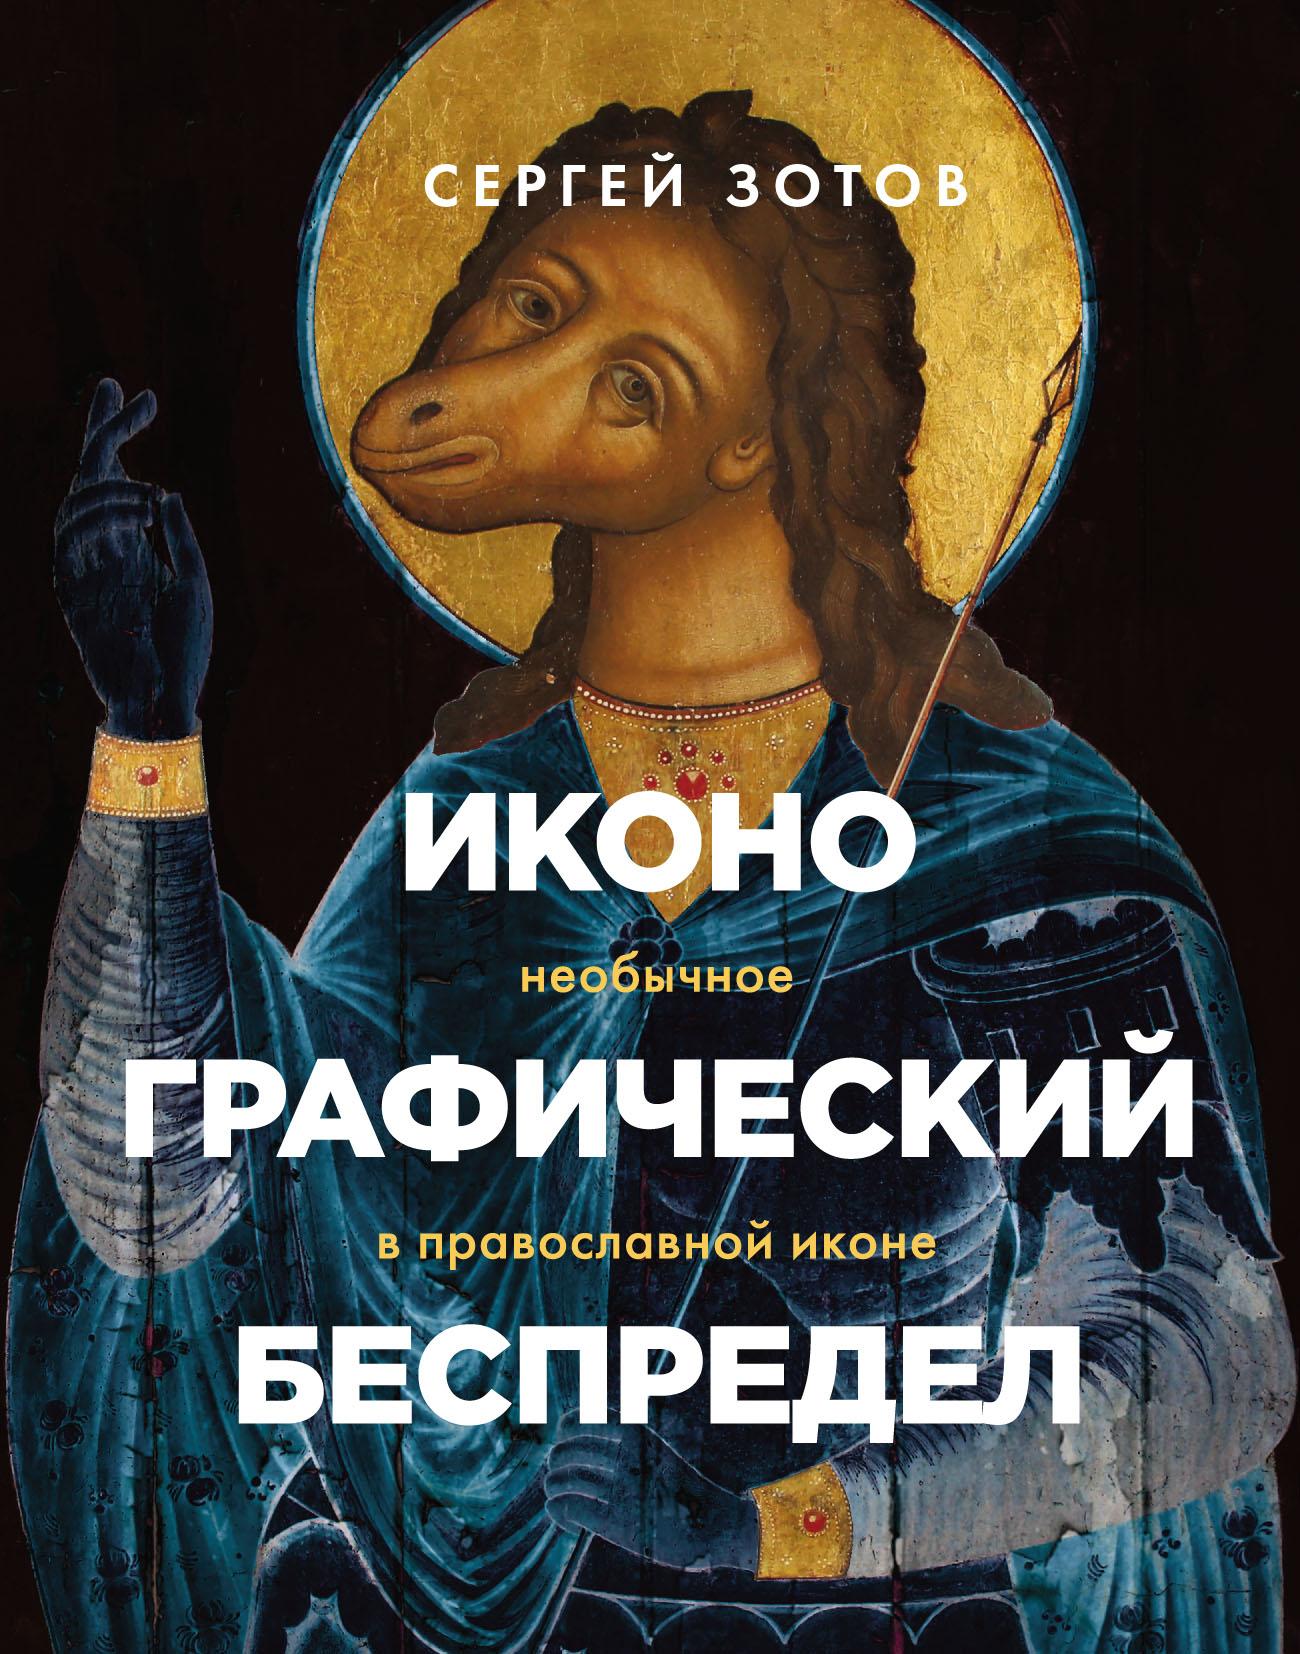 Купить книгу Иконографический беспредел. Необычное в православной иконе, автора Сергея Зотова